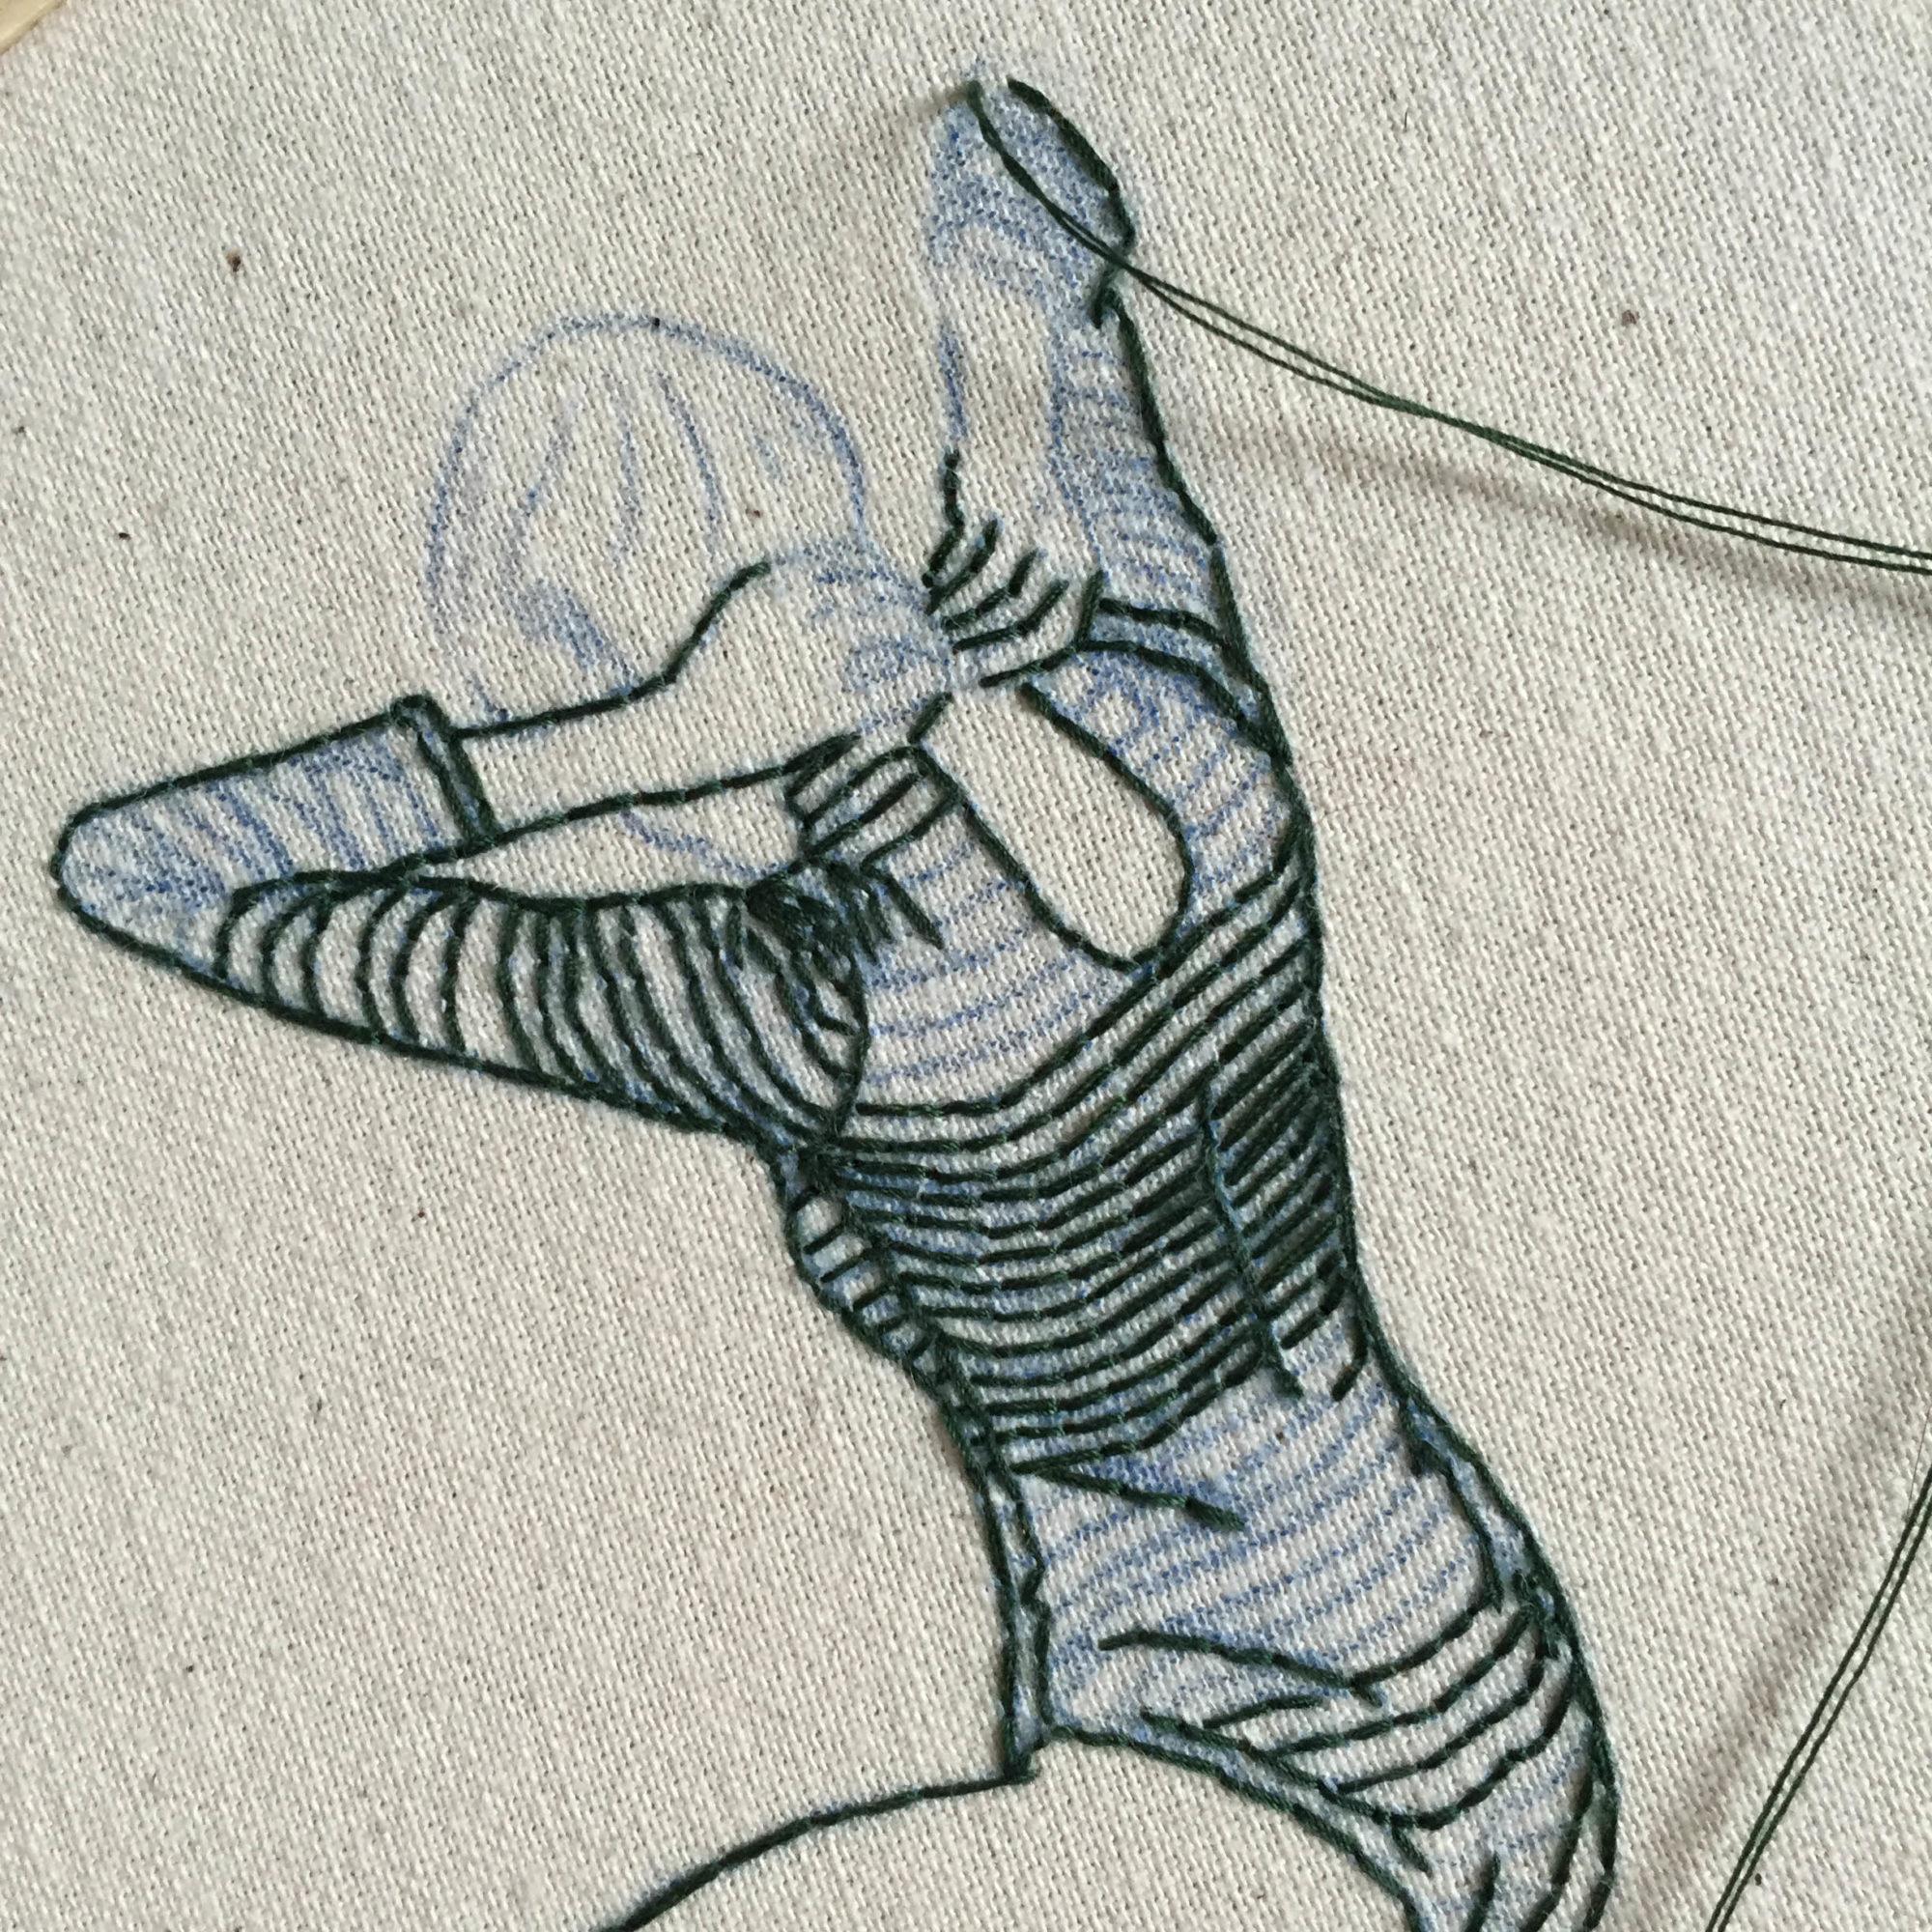 她創作從布上「流出來」超美刺繡 「超仙氣本人」曝光...根本就是在刺自己!